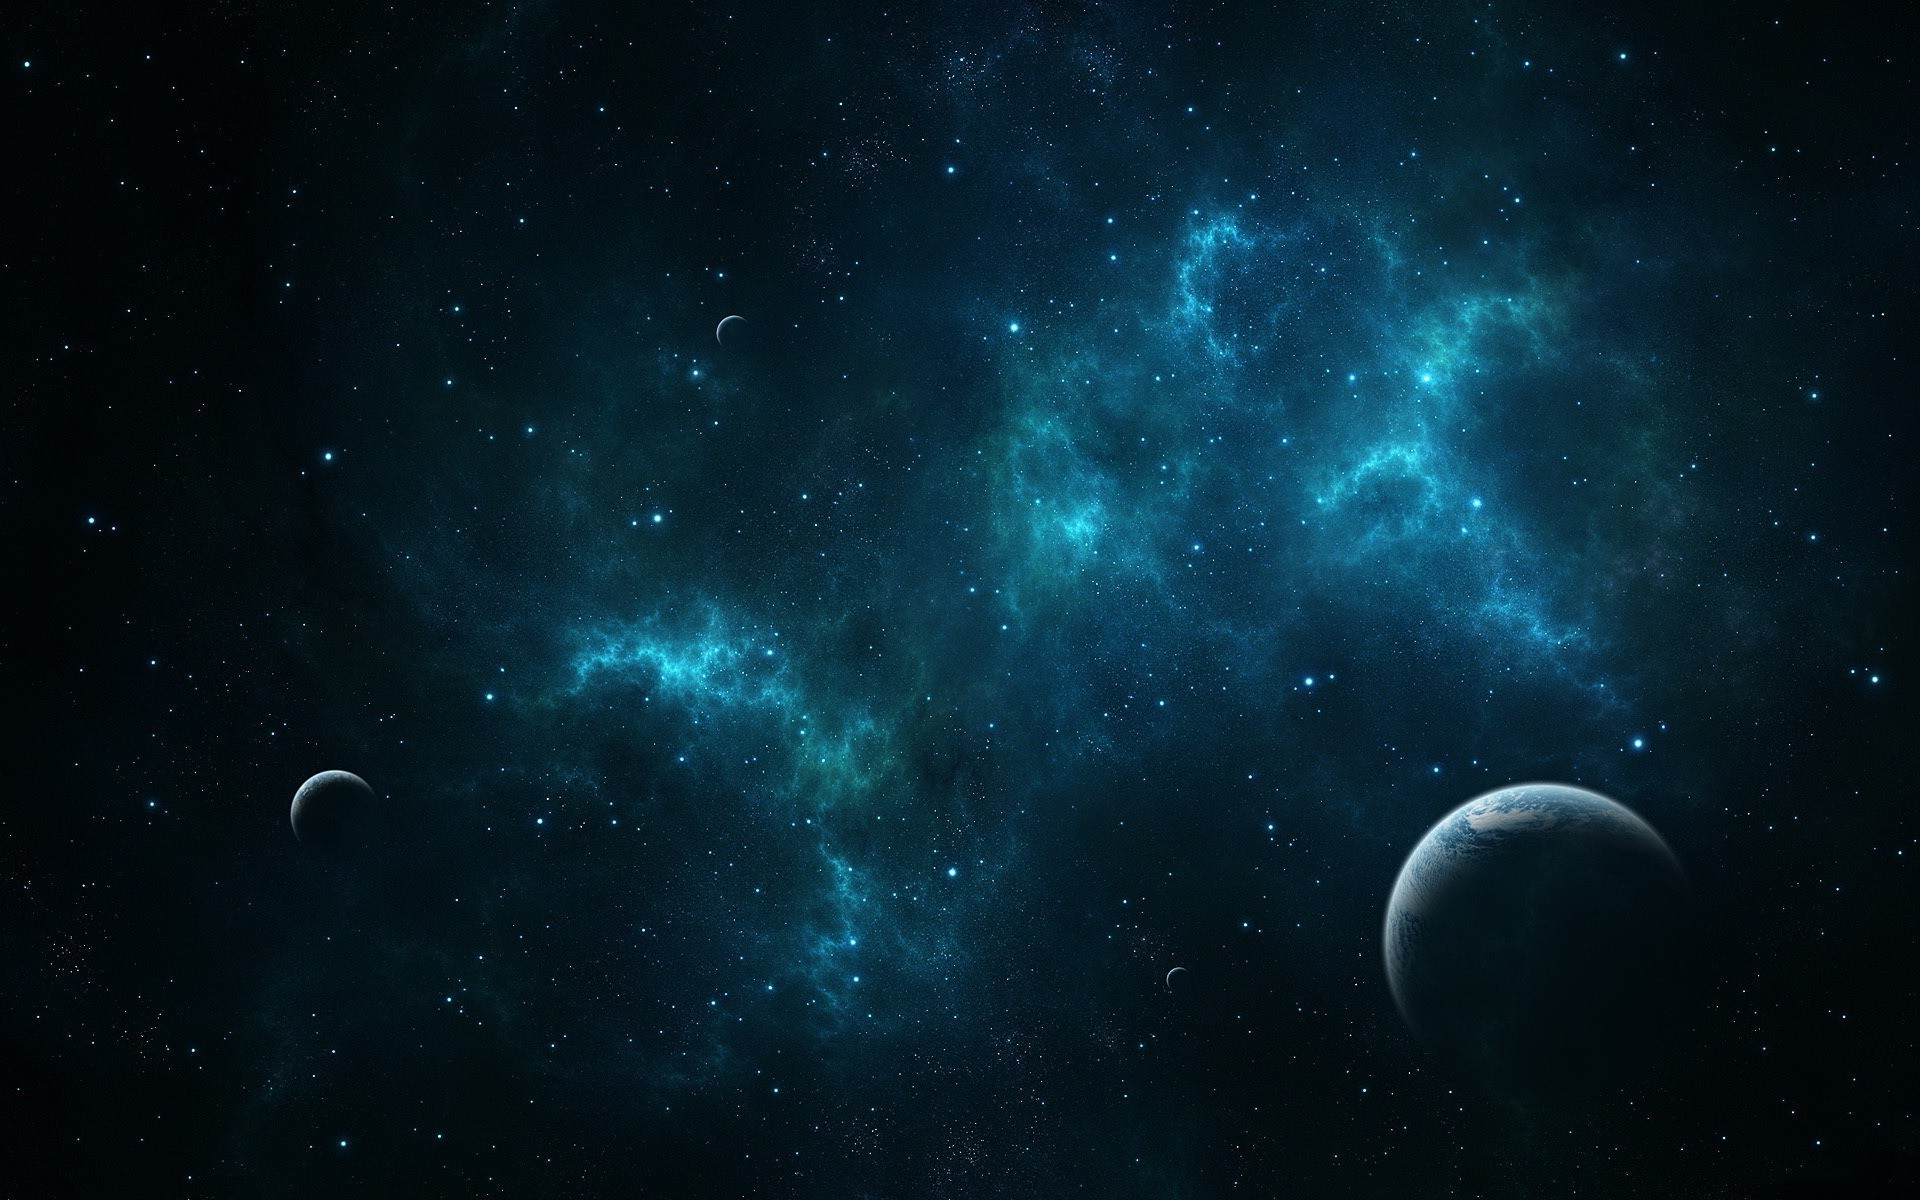 free hd universe image